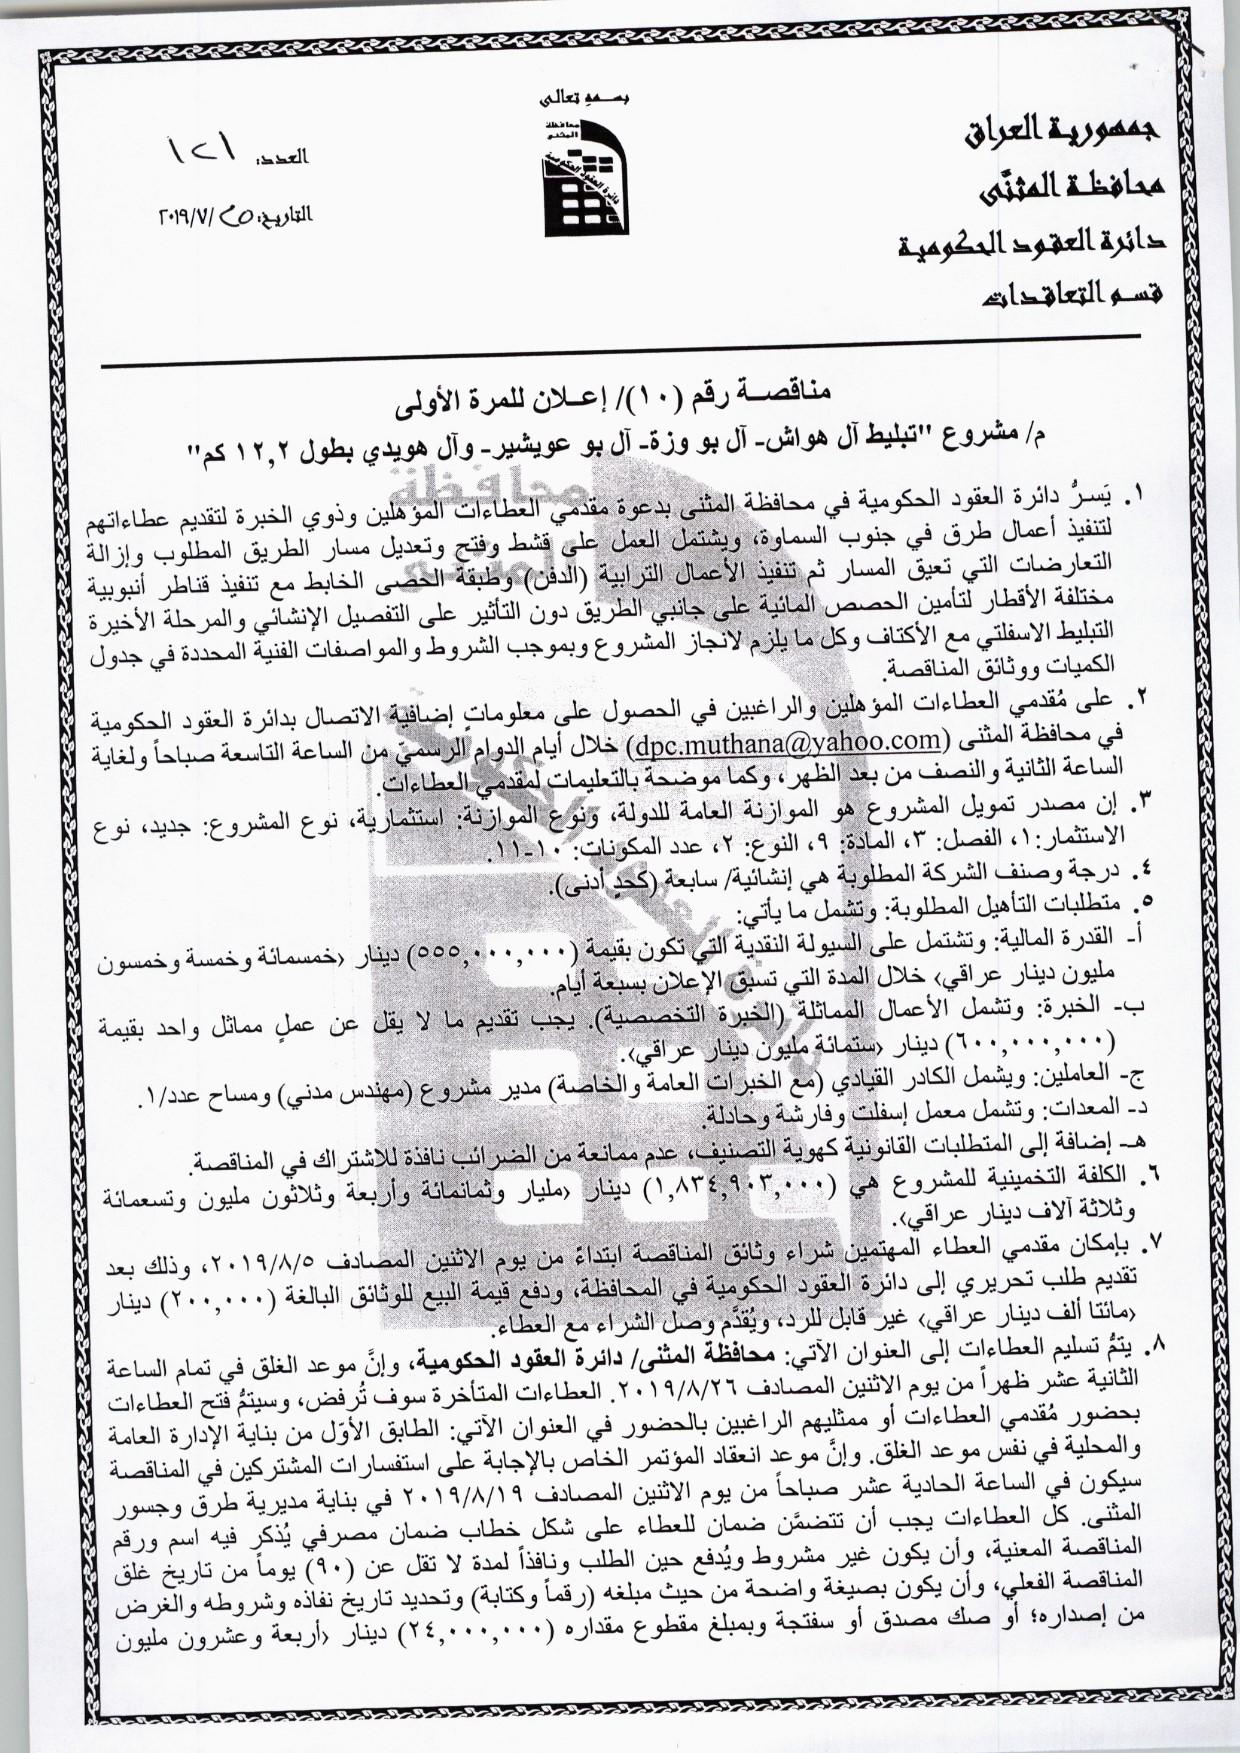 اعلان مشروع تبليط ال هواش-ال بو وزة-ال بو عويشر-وال هويدي بطول12.2كم